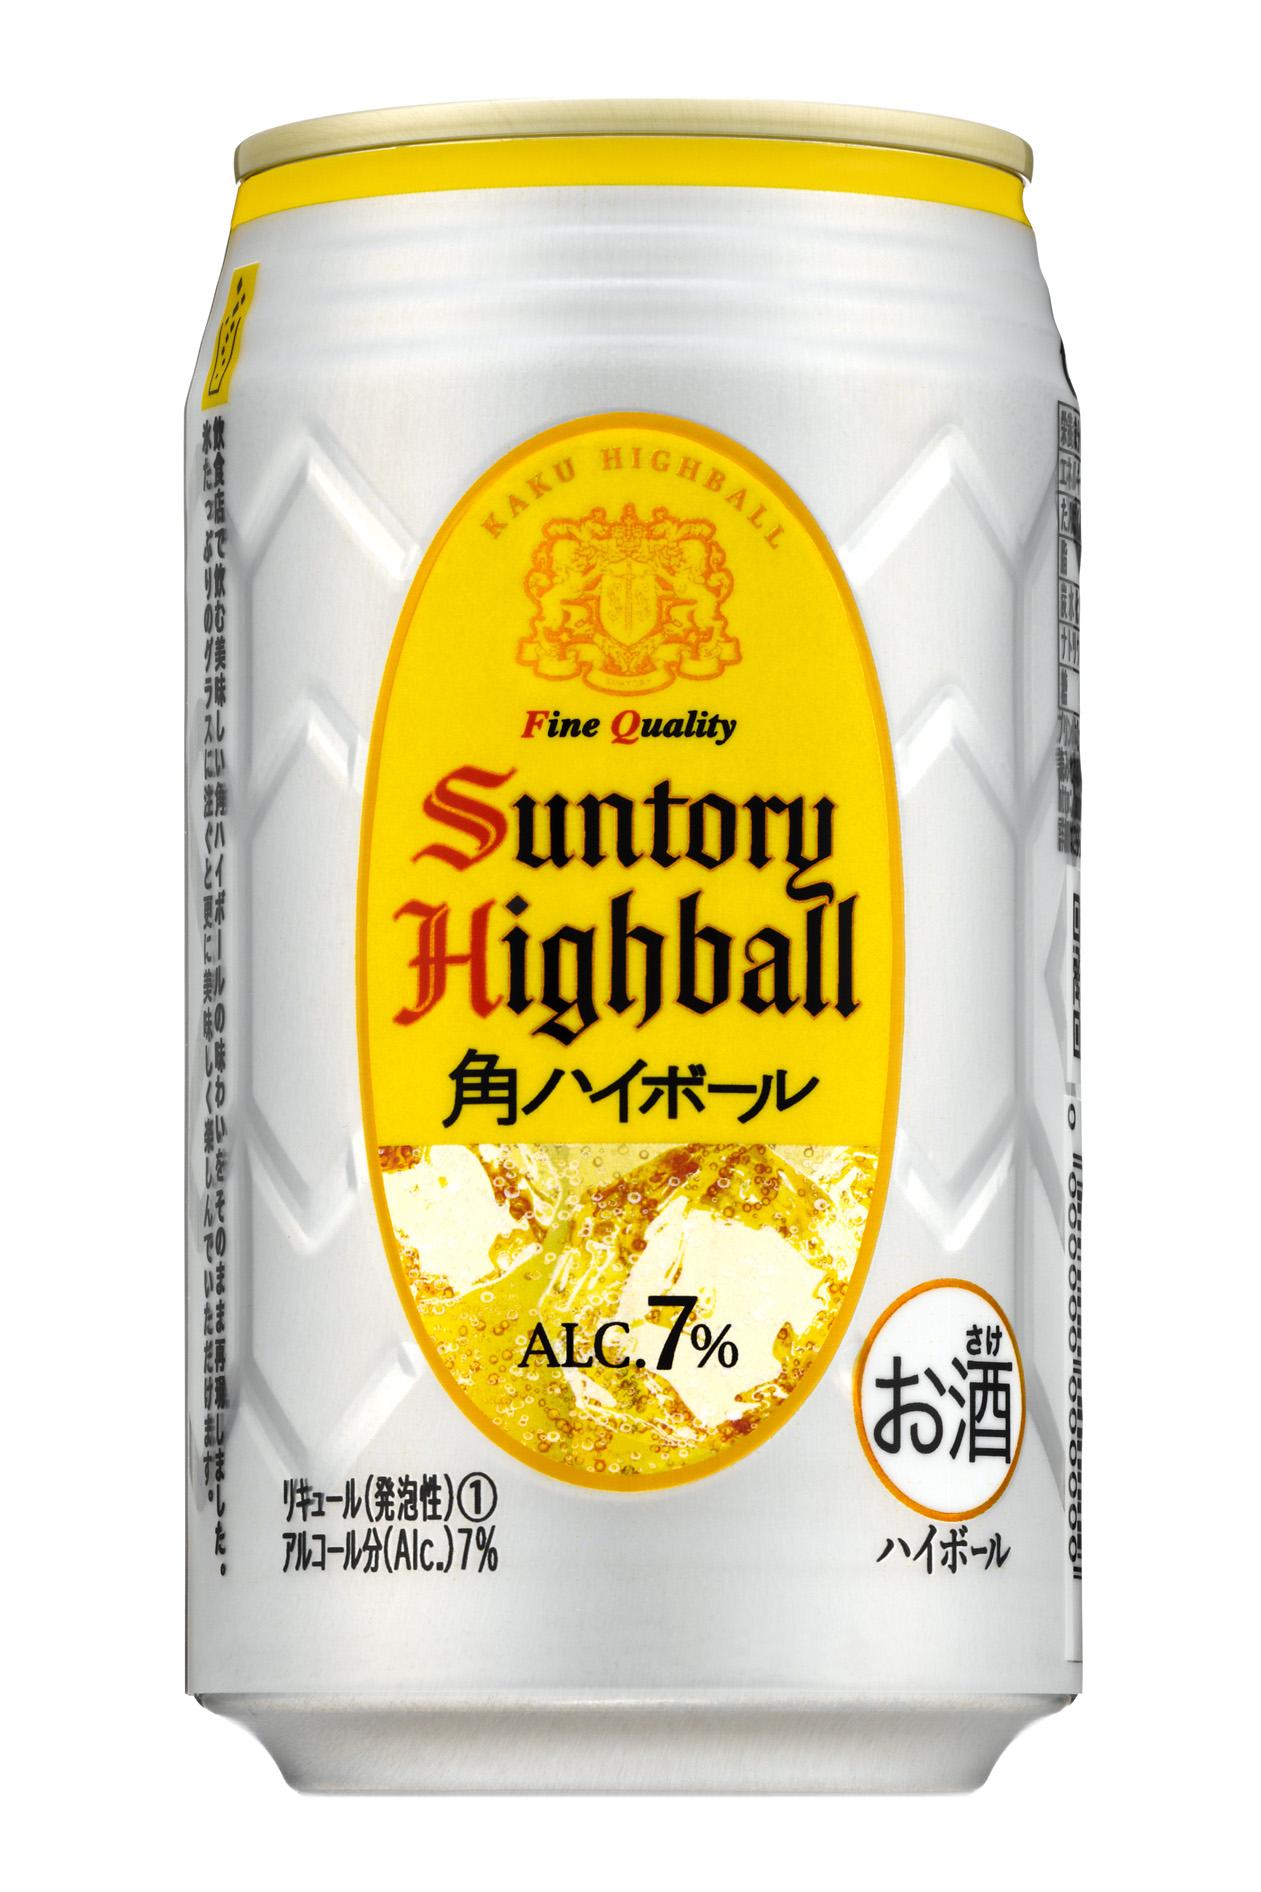 「角ハイボール缶」リニューアル新発売―イニシャル入りの角ハイボールジョッキが当たるキャンペーンも実施―